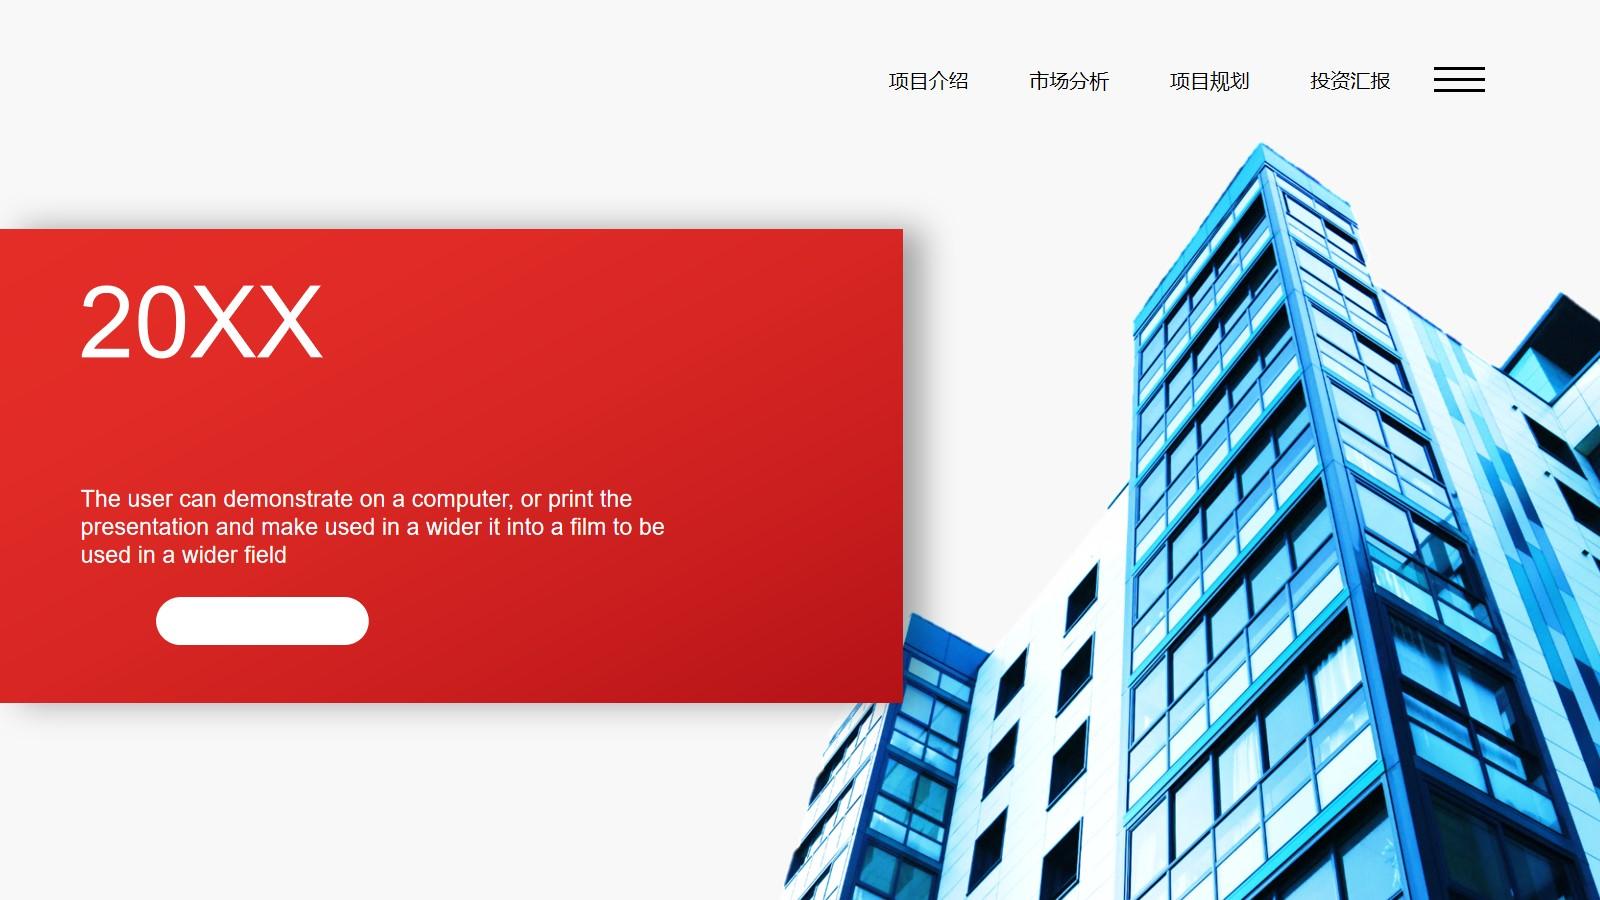 楼盘背景的房地产项目介绍PPT模板